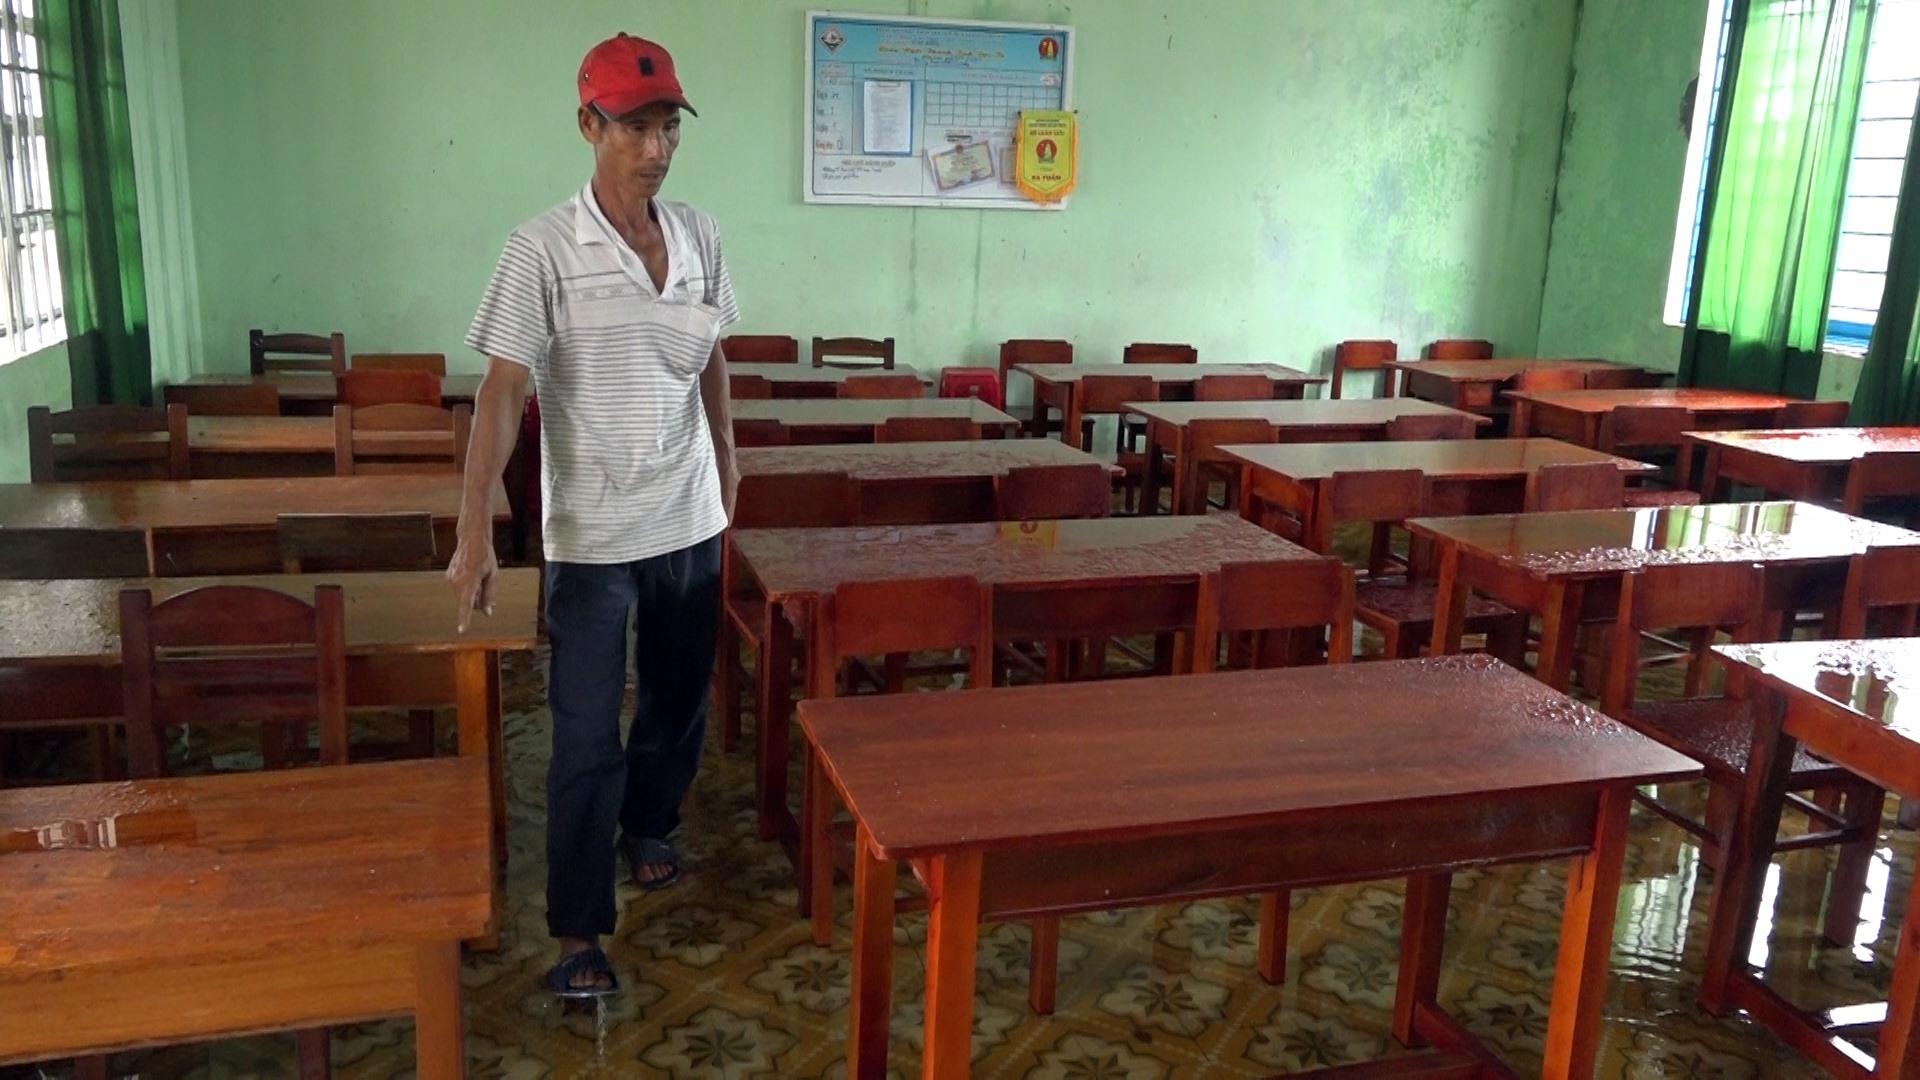 Trường THCS Chu Văn An chưa khắc phục được, sáng ngày 31.10 trời mưa, nước đổ xuống nhiều phòng học. Ảnh: M.T